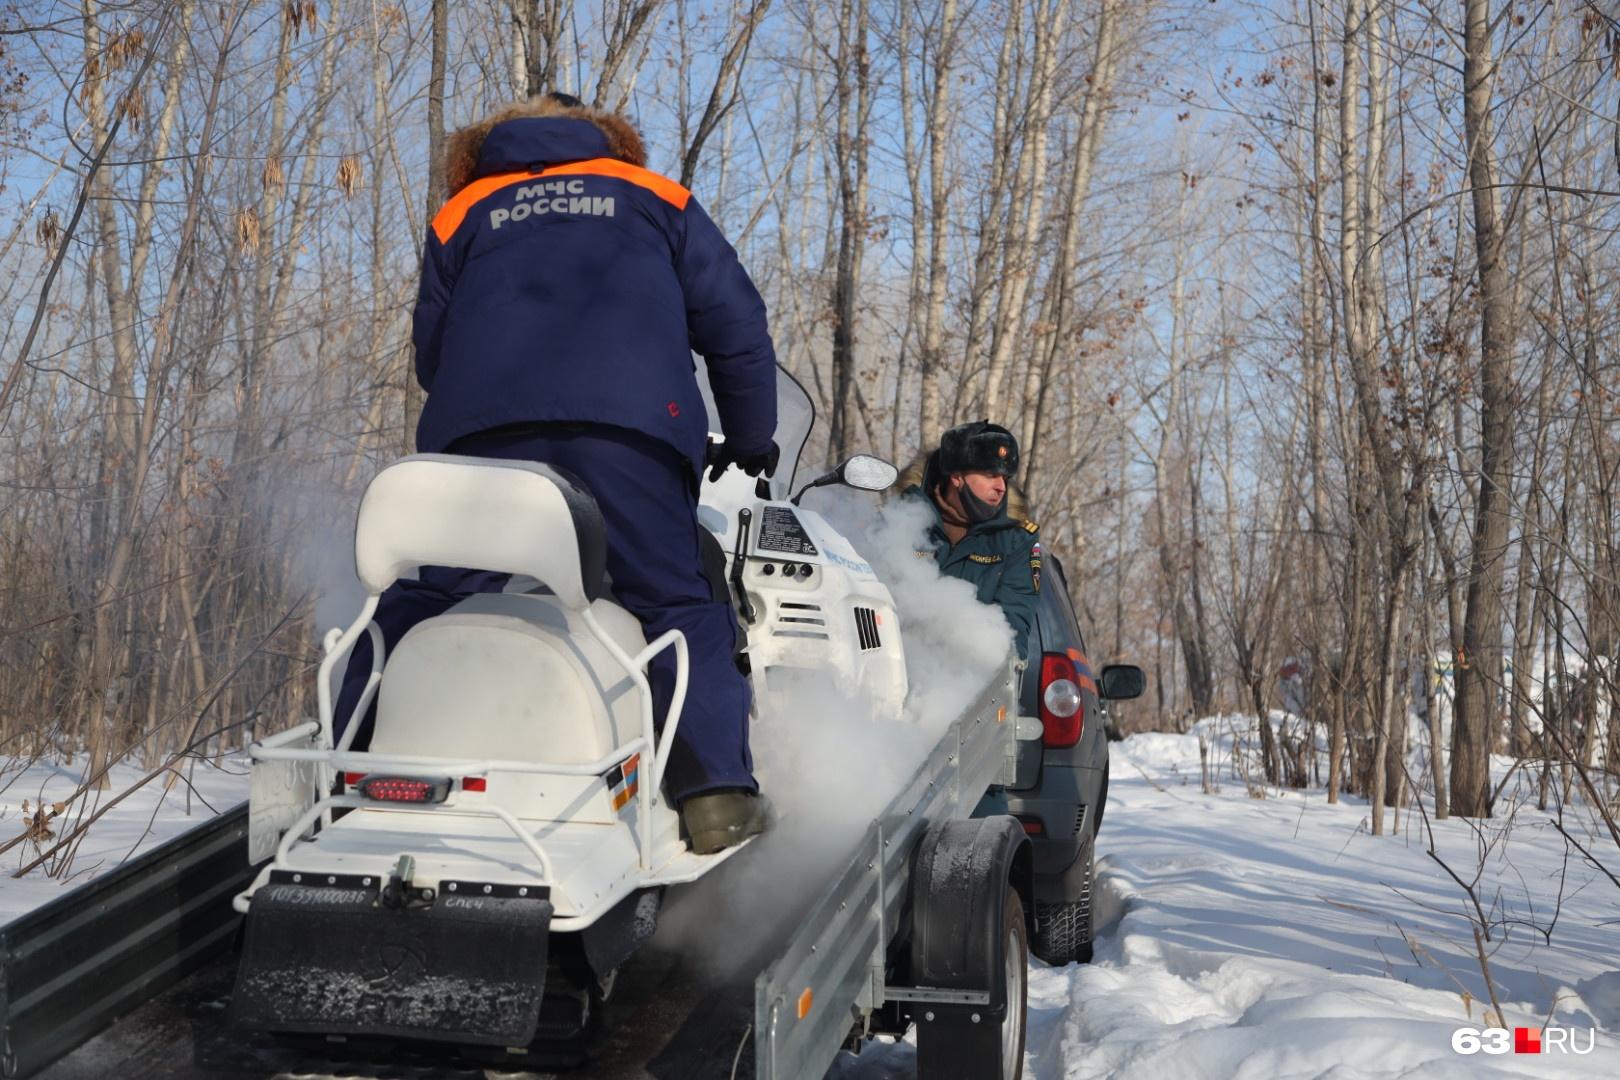 Прежде чем отправиться в рейд на снегоходах, их нужно доставить до пункта назначения